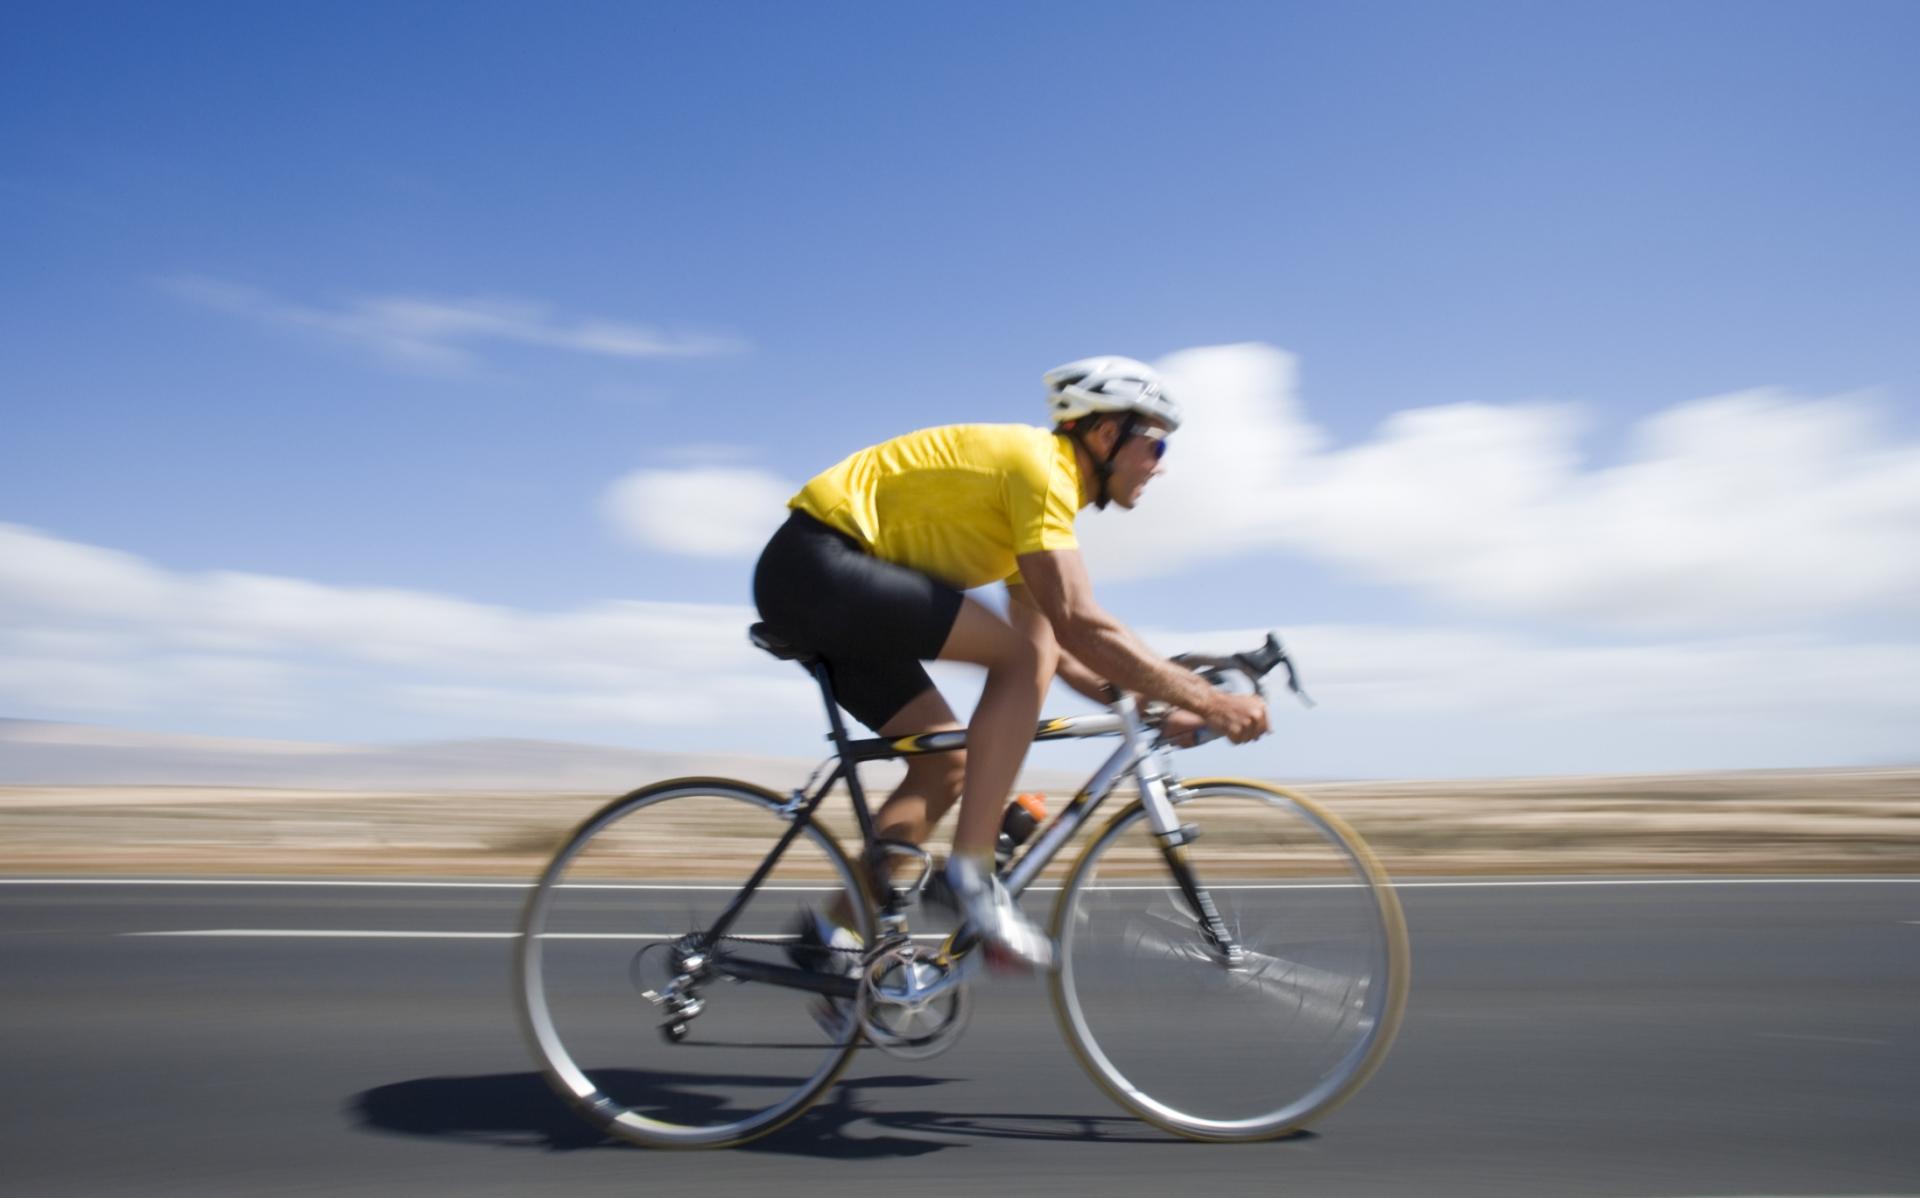 Averías en la bicicleta Fuente: enforma.salud180.com